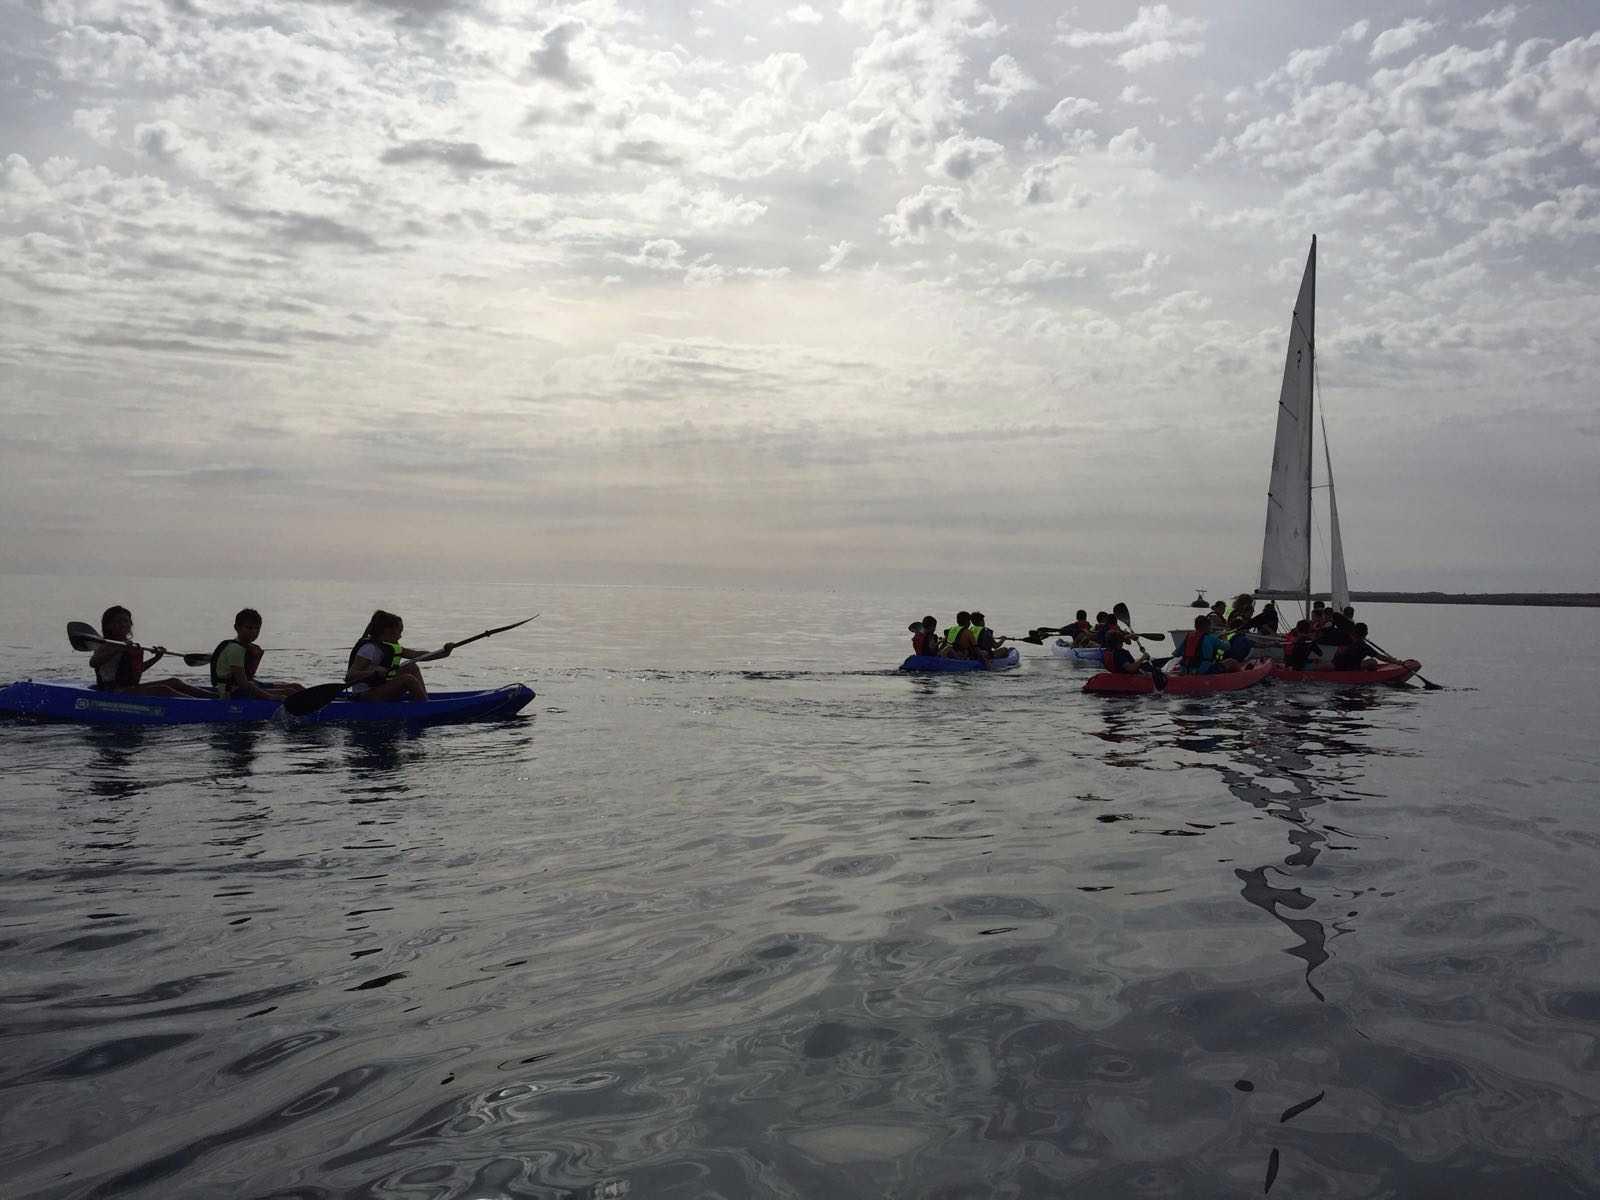 35 personas se iniciaron en los deportes náuticos gracias a la campaña 'Estaciones y Deportes' del Cabildo de Fuerteventura